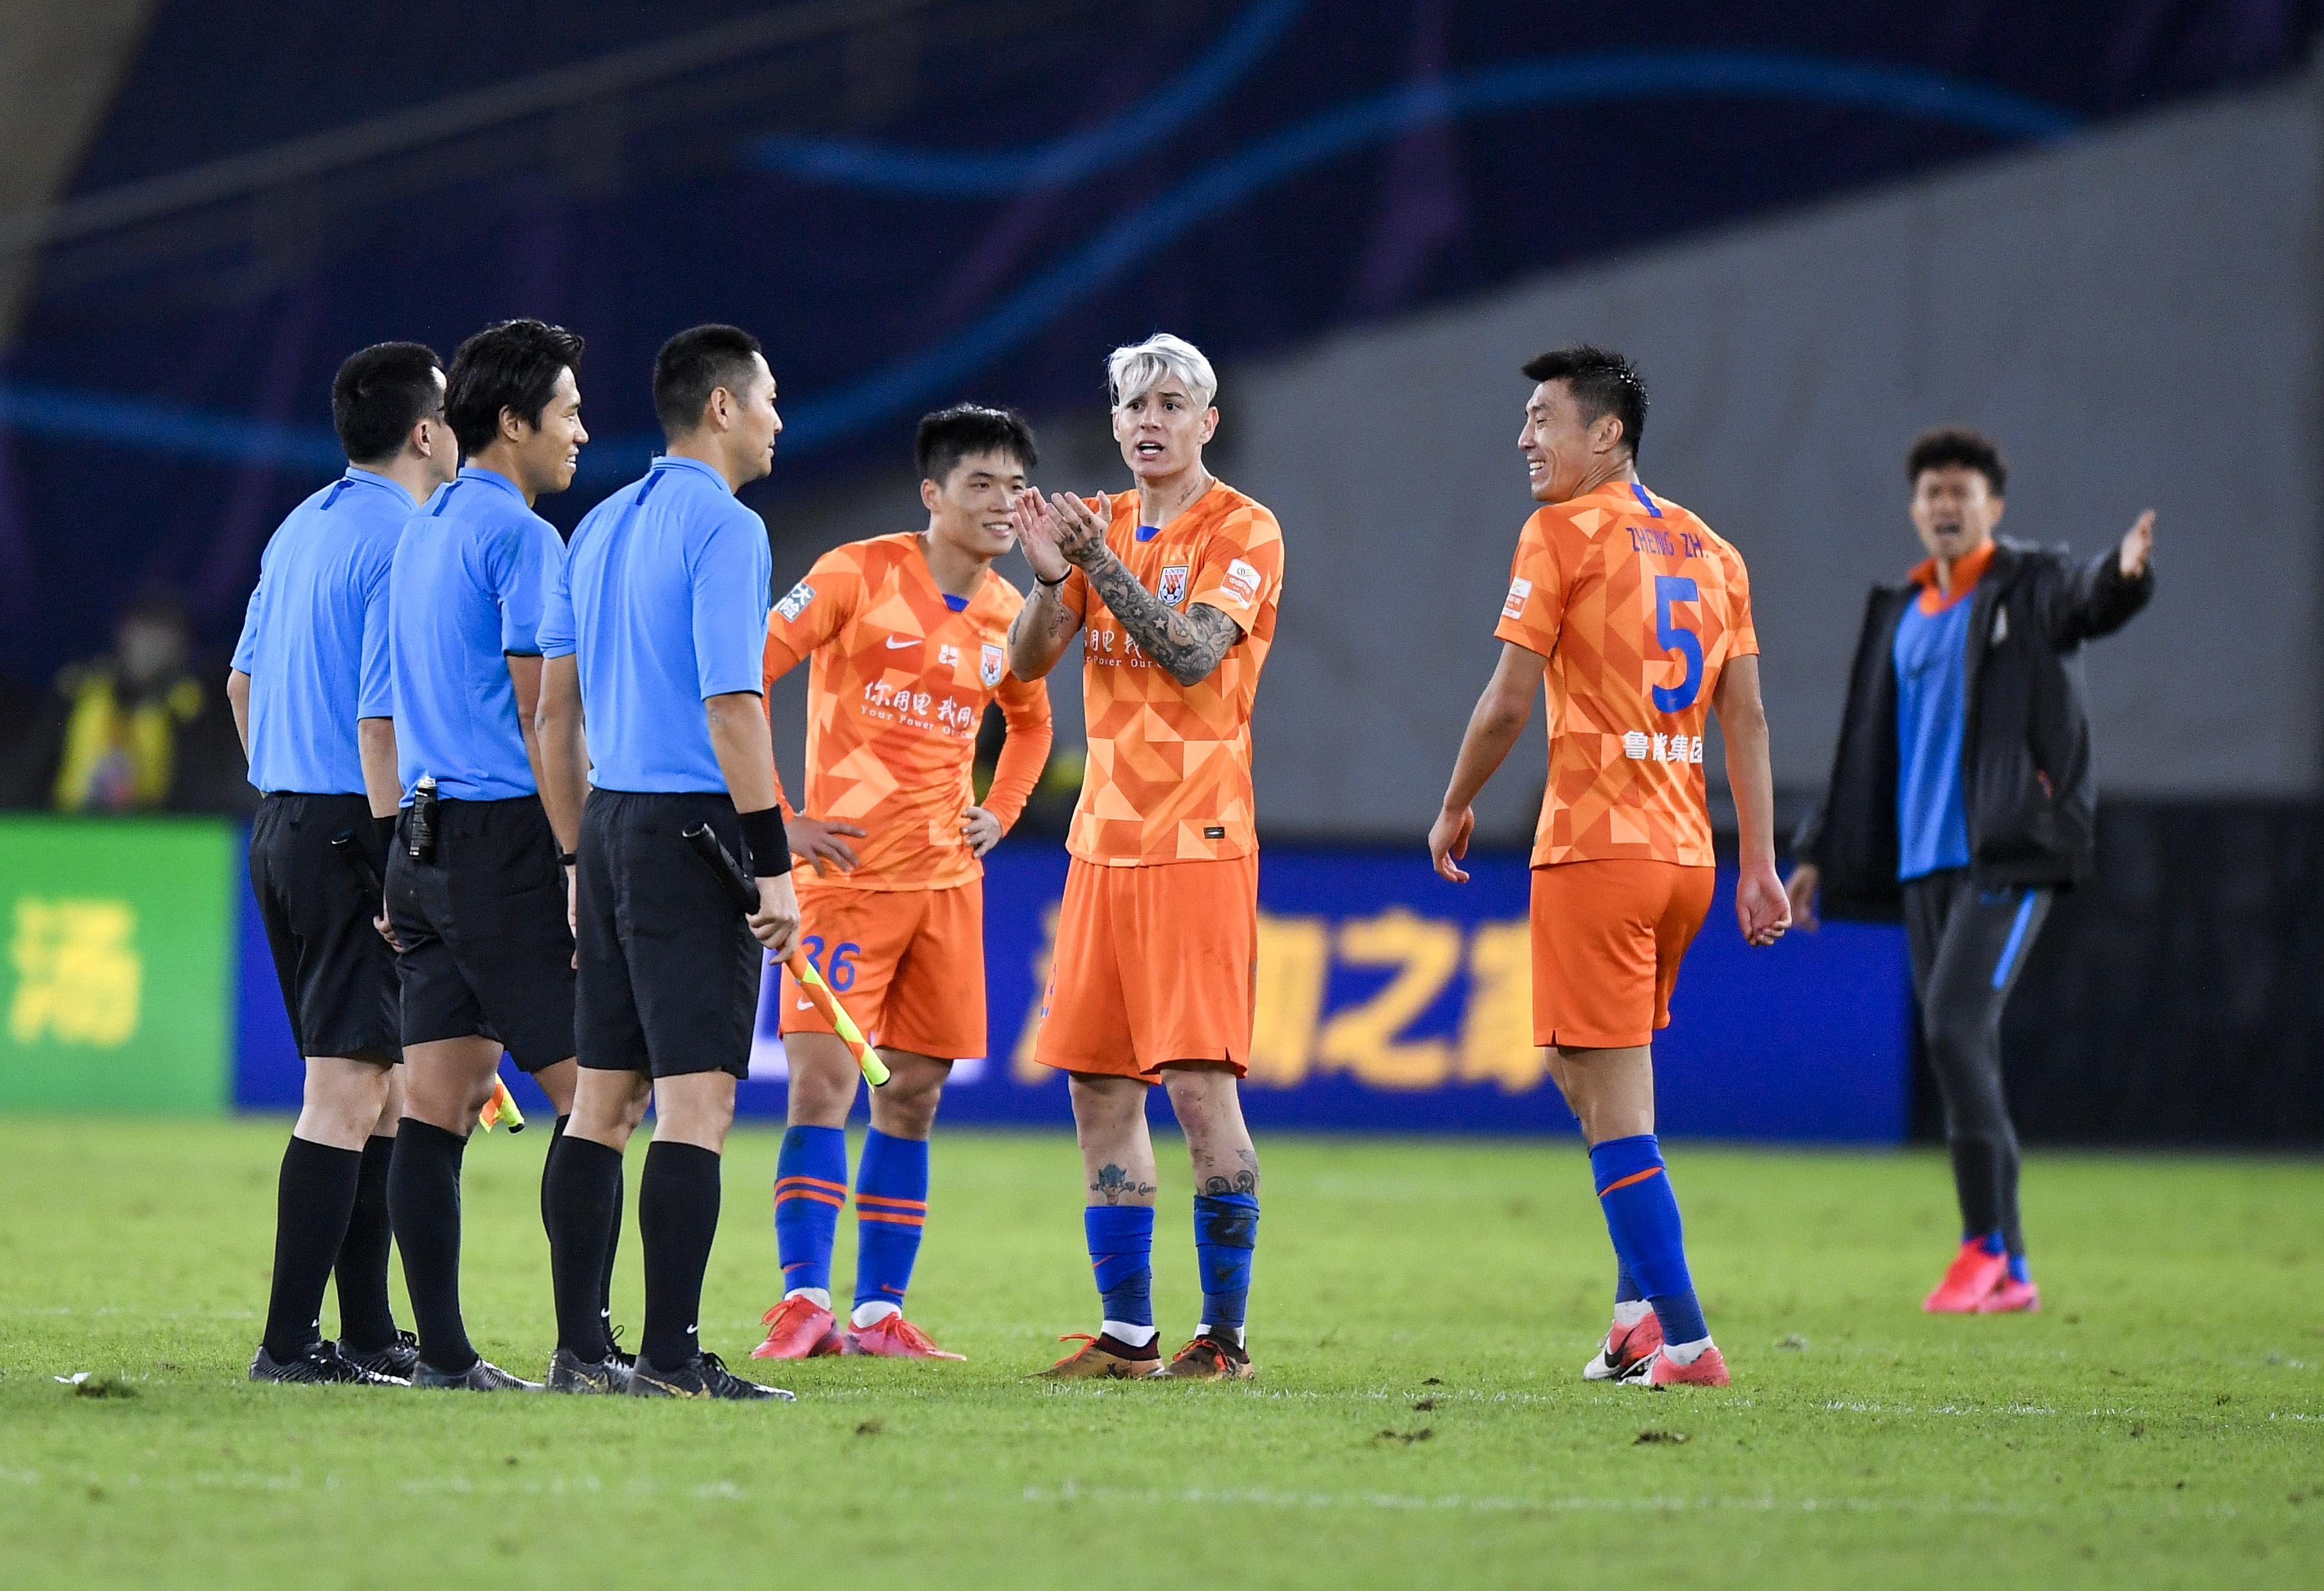 10月22日,山东鲁能泰山队球员在比赛后与裁判组理论。新华社发